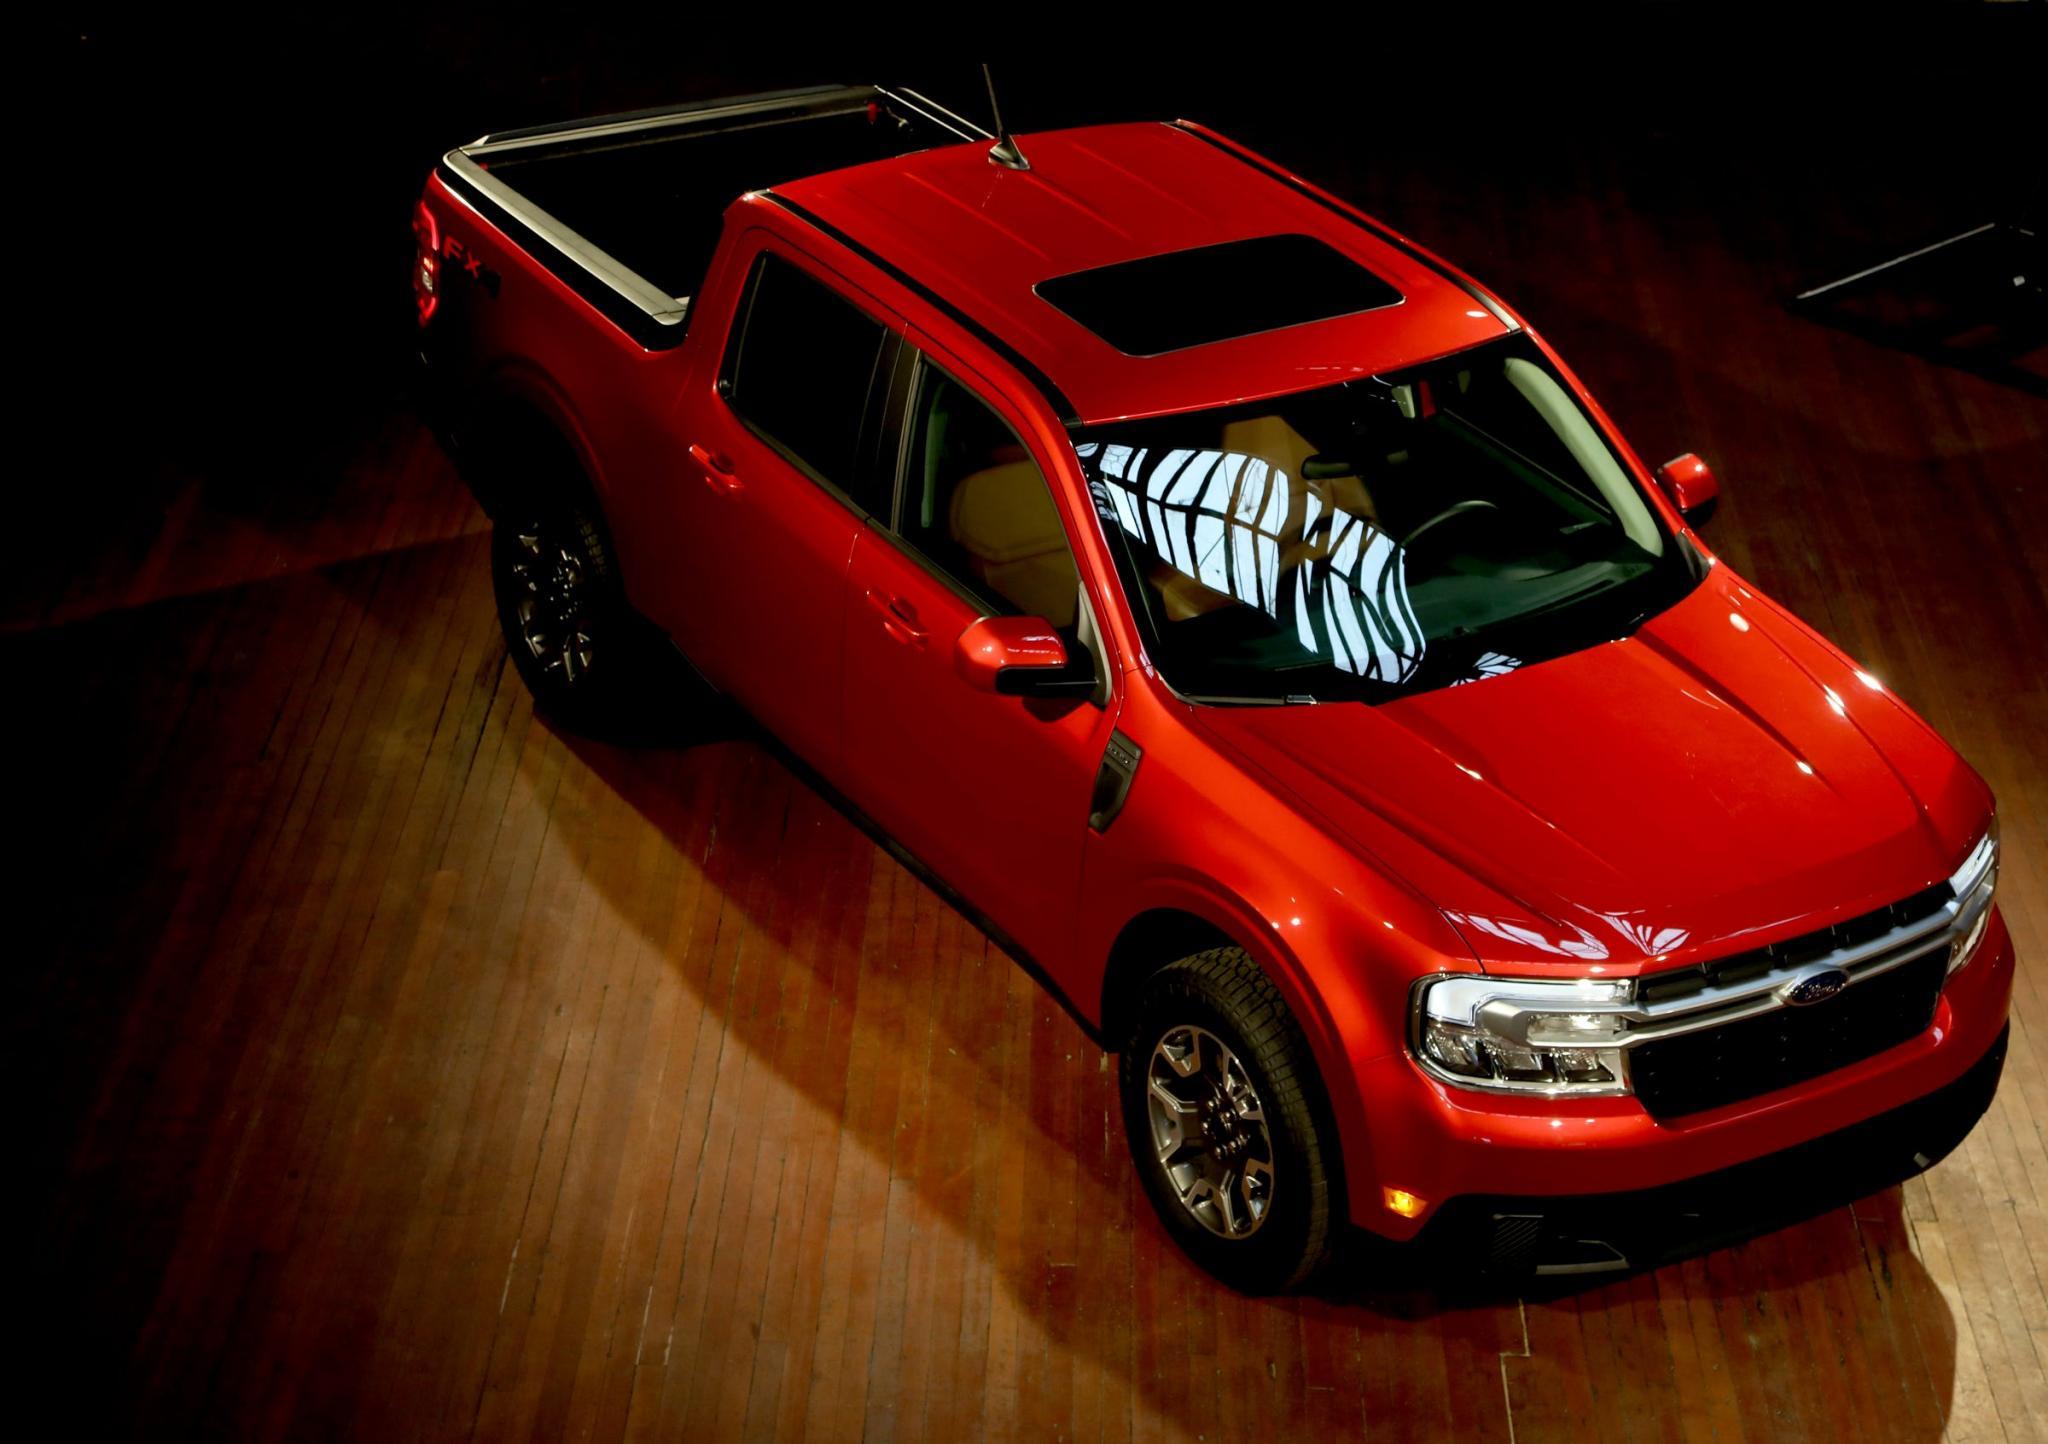 """Ford""""s new Maverick hybrid pickup will get 40 mpg in the city and starts at ,995-2a51707f-ada9-4e75-af2c-b5201c068ad7-fordmavrick_060221_es02"""